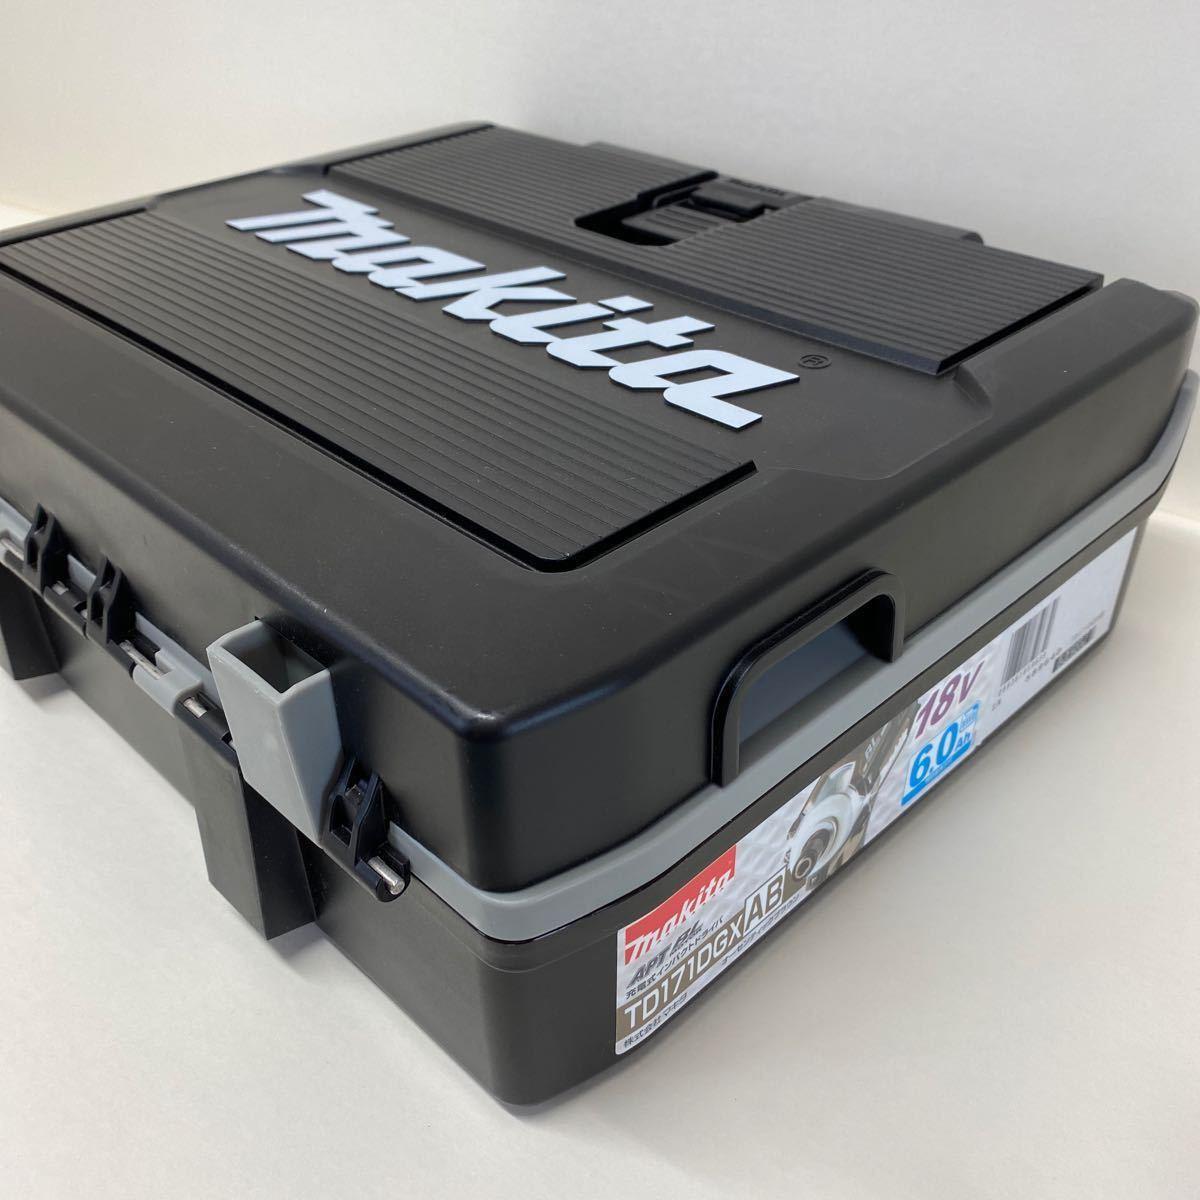 【中古・完動品】マキタ Makita TD171D 充電式インパクトドライバ 18v 『ブルー』BL1860B×2 DC18RF充電器 フルセット TD171DRGX 純正品_画像10